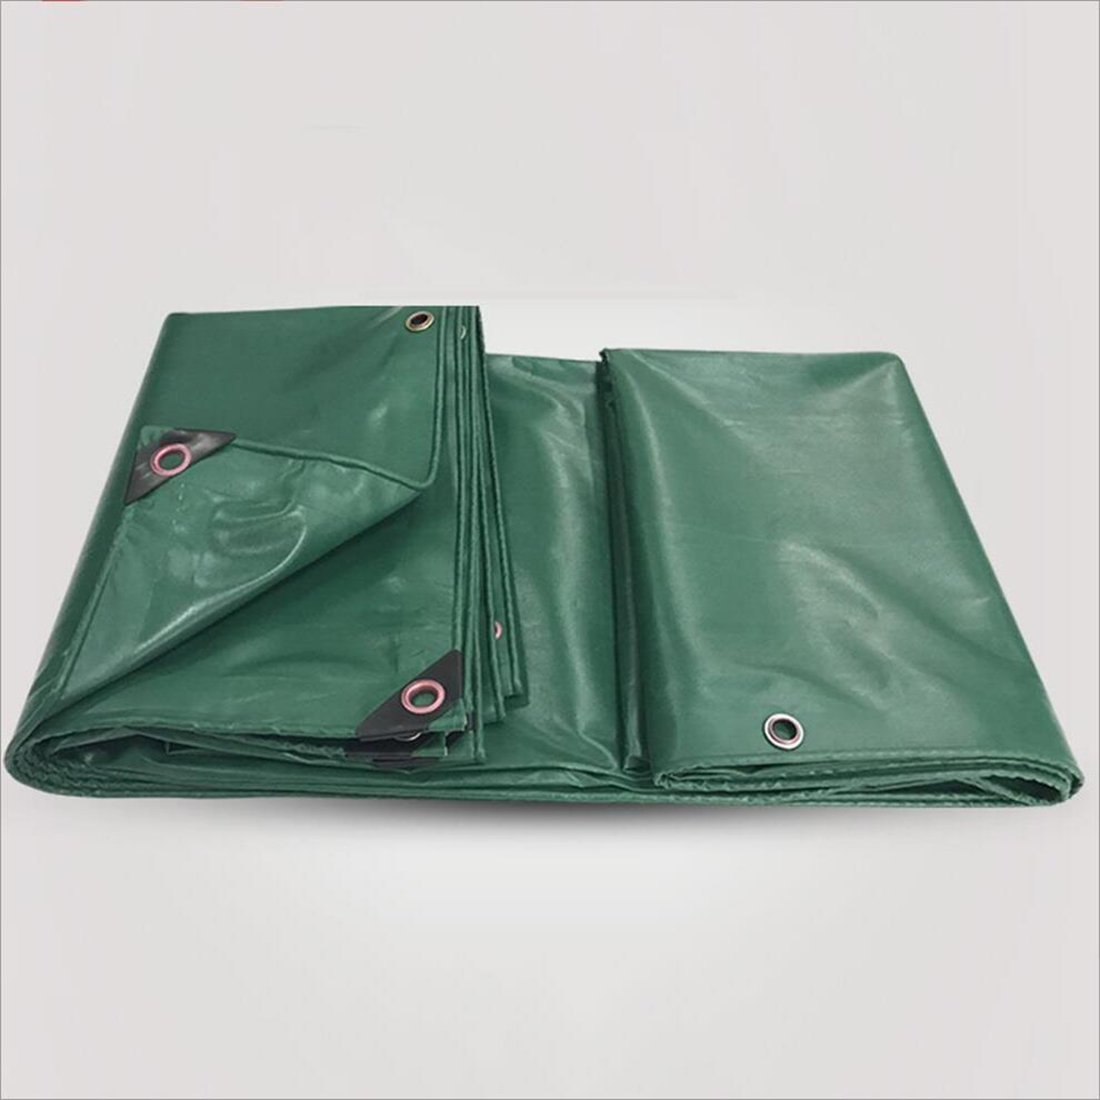 Im Freien Tarpaulin, im Freien Wasserdichter Lichtschutzzelttuch doppelseitiges feuchtigkeitsfestes Frachtstaubtuch-Hochtemperaturanti-Altern, grün (Farbe : A, größe : 2m × 3m)